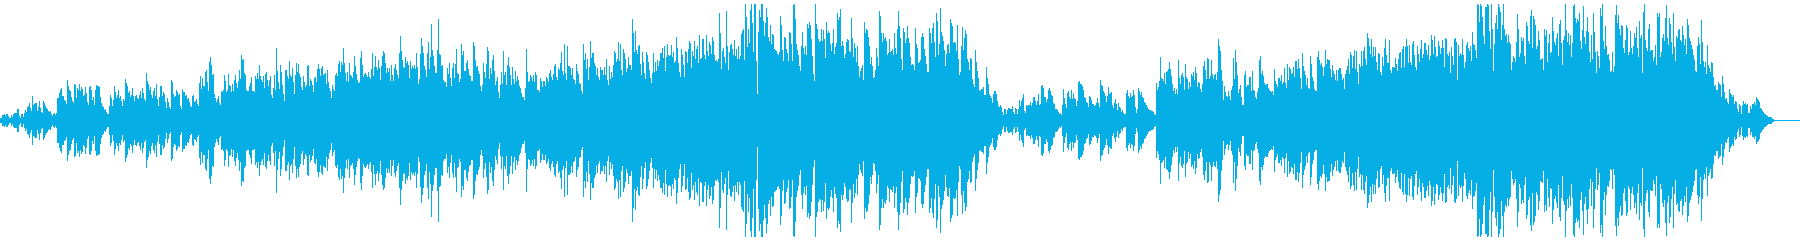 ピアノBGM デート ウェディング などの再生済みの波形